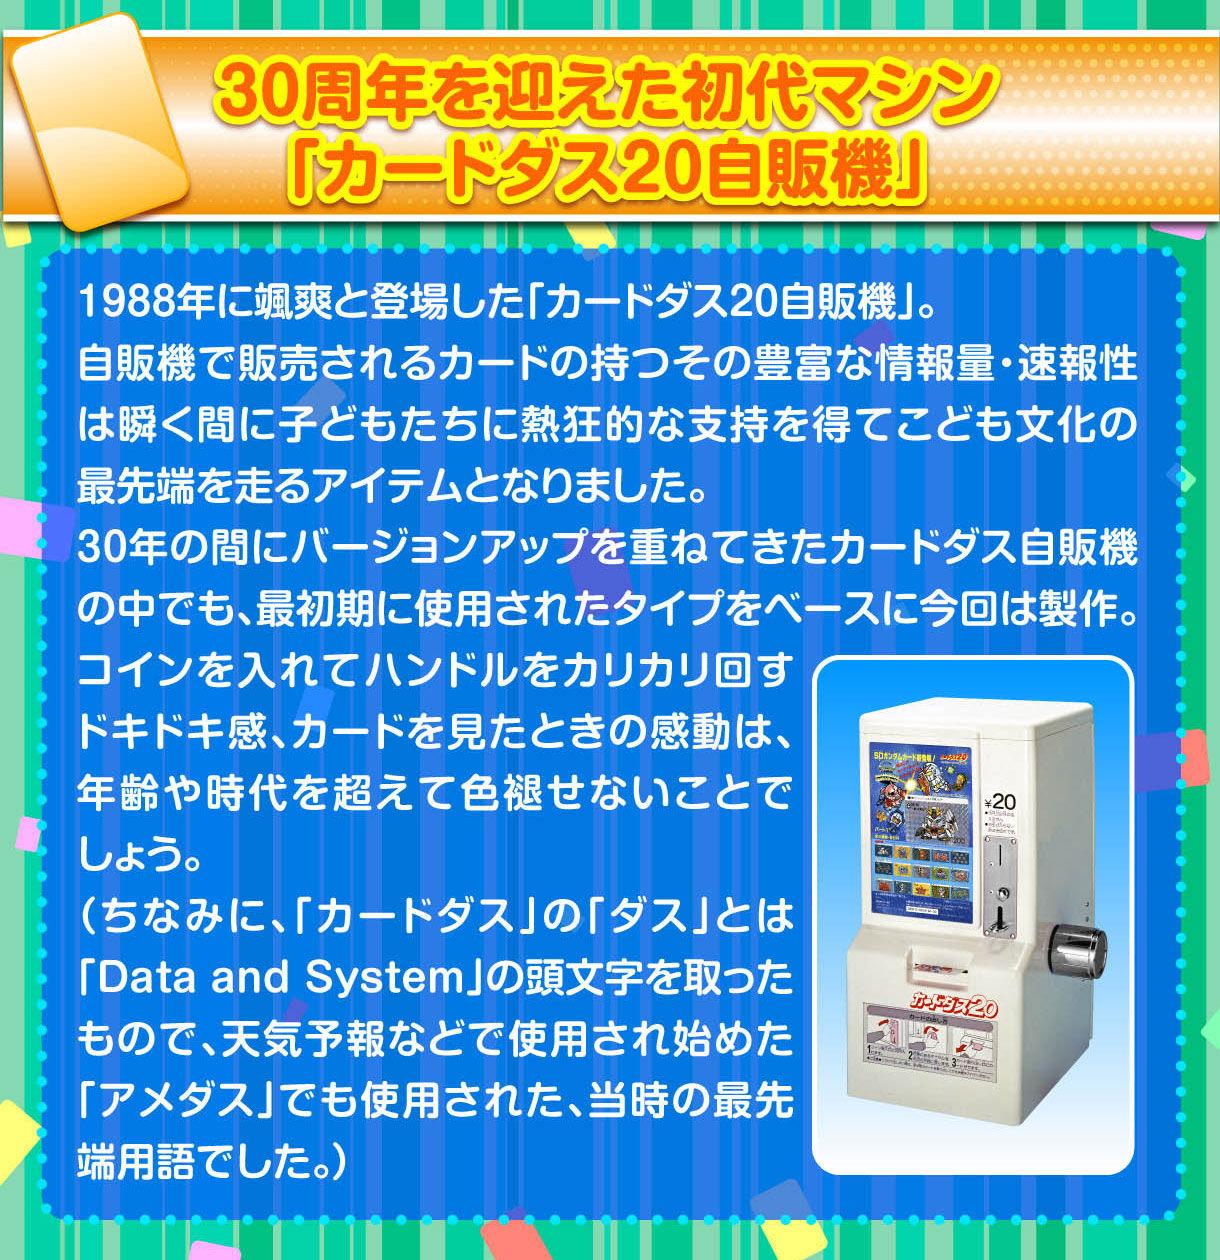 30周年を迎えた初代マシン「カードダス20自販機」